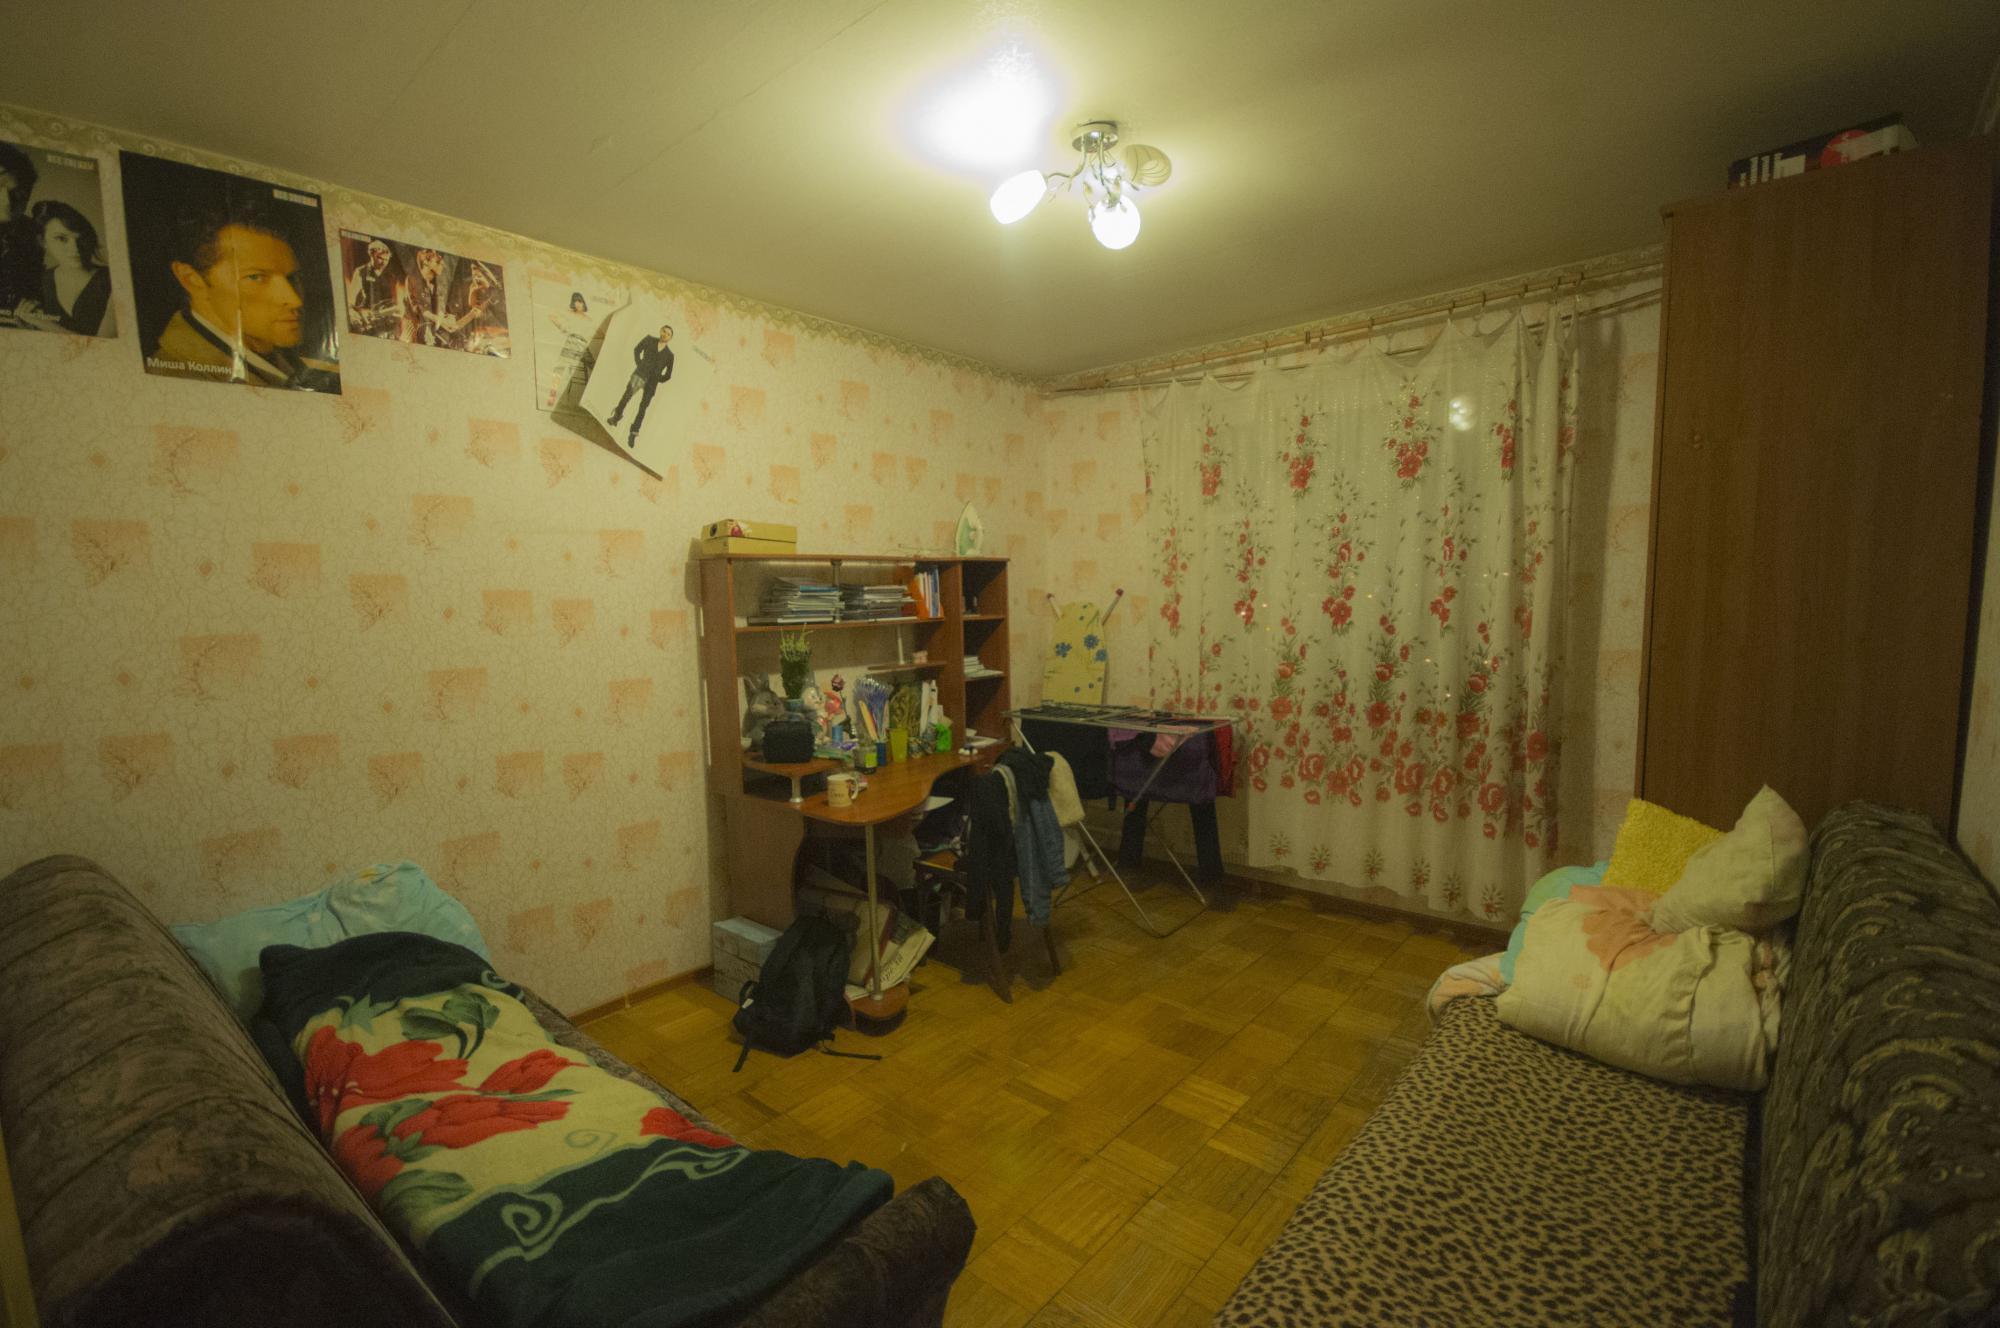 препаратом купить квартиру в москве в бирюлево этом